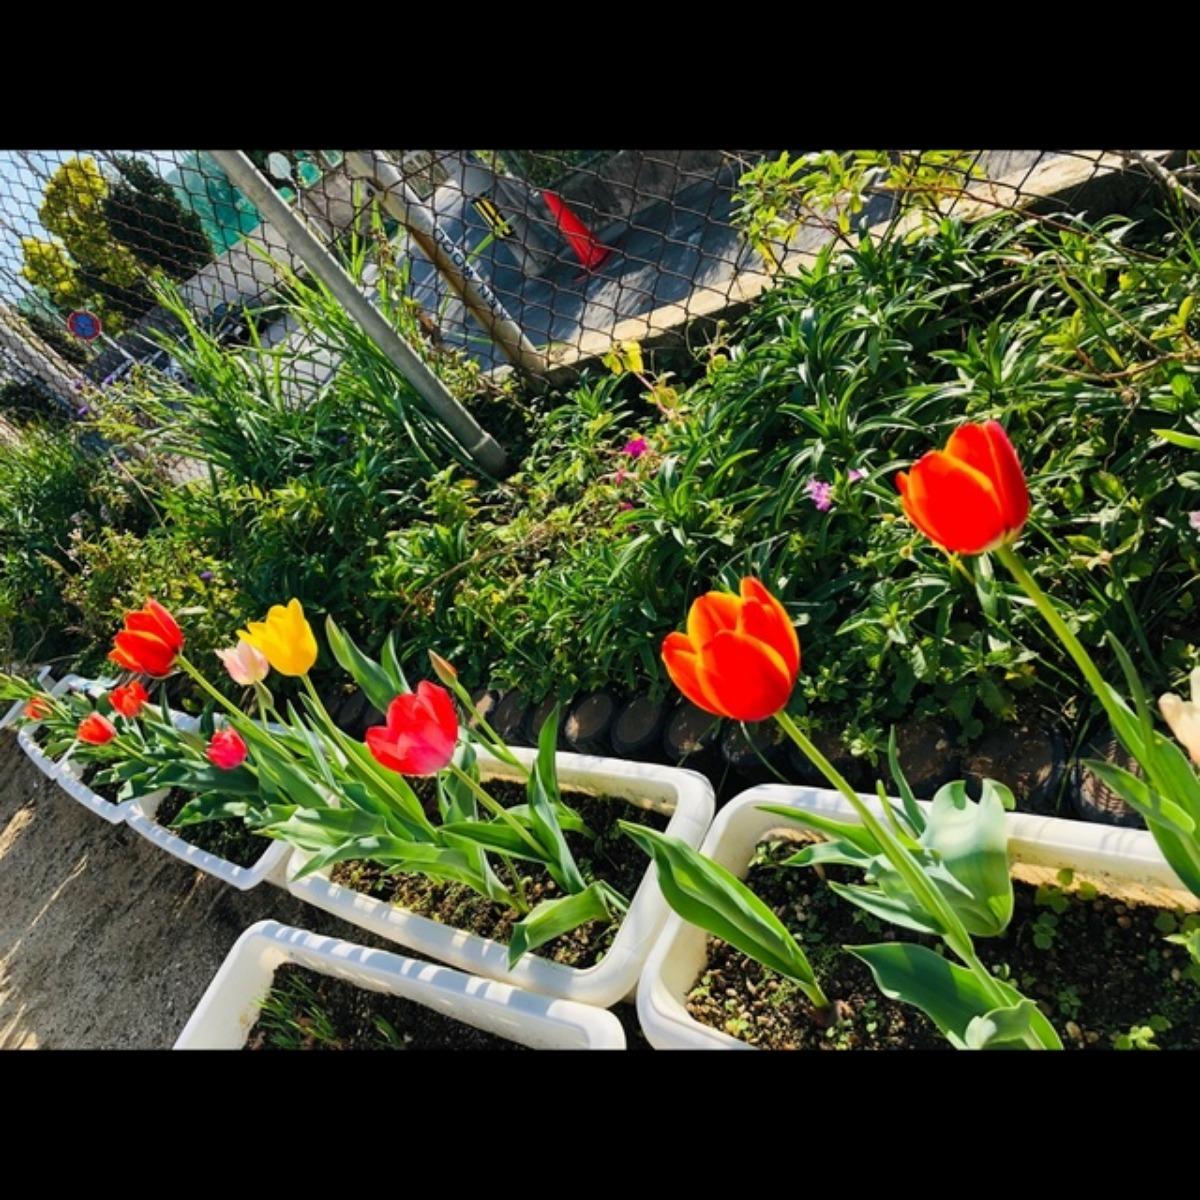 【アプリ投稿】4歳児 さいた〜さいた〜チューリップの花が〜チューリップ🌷